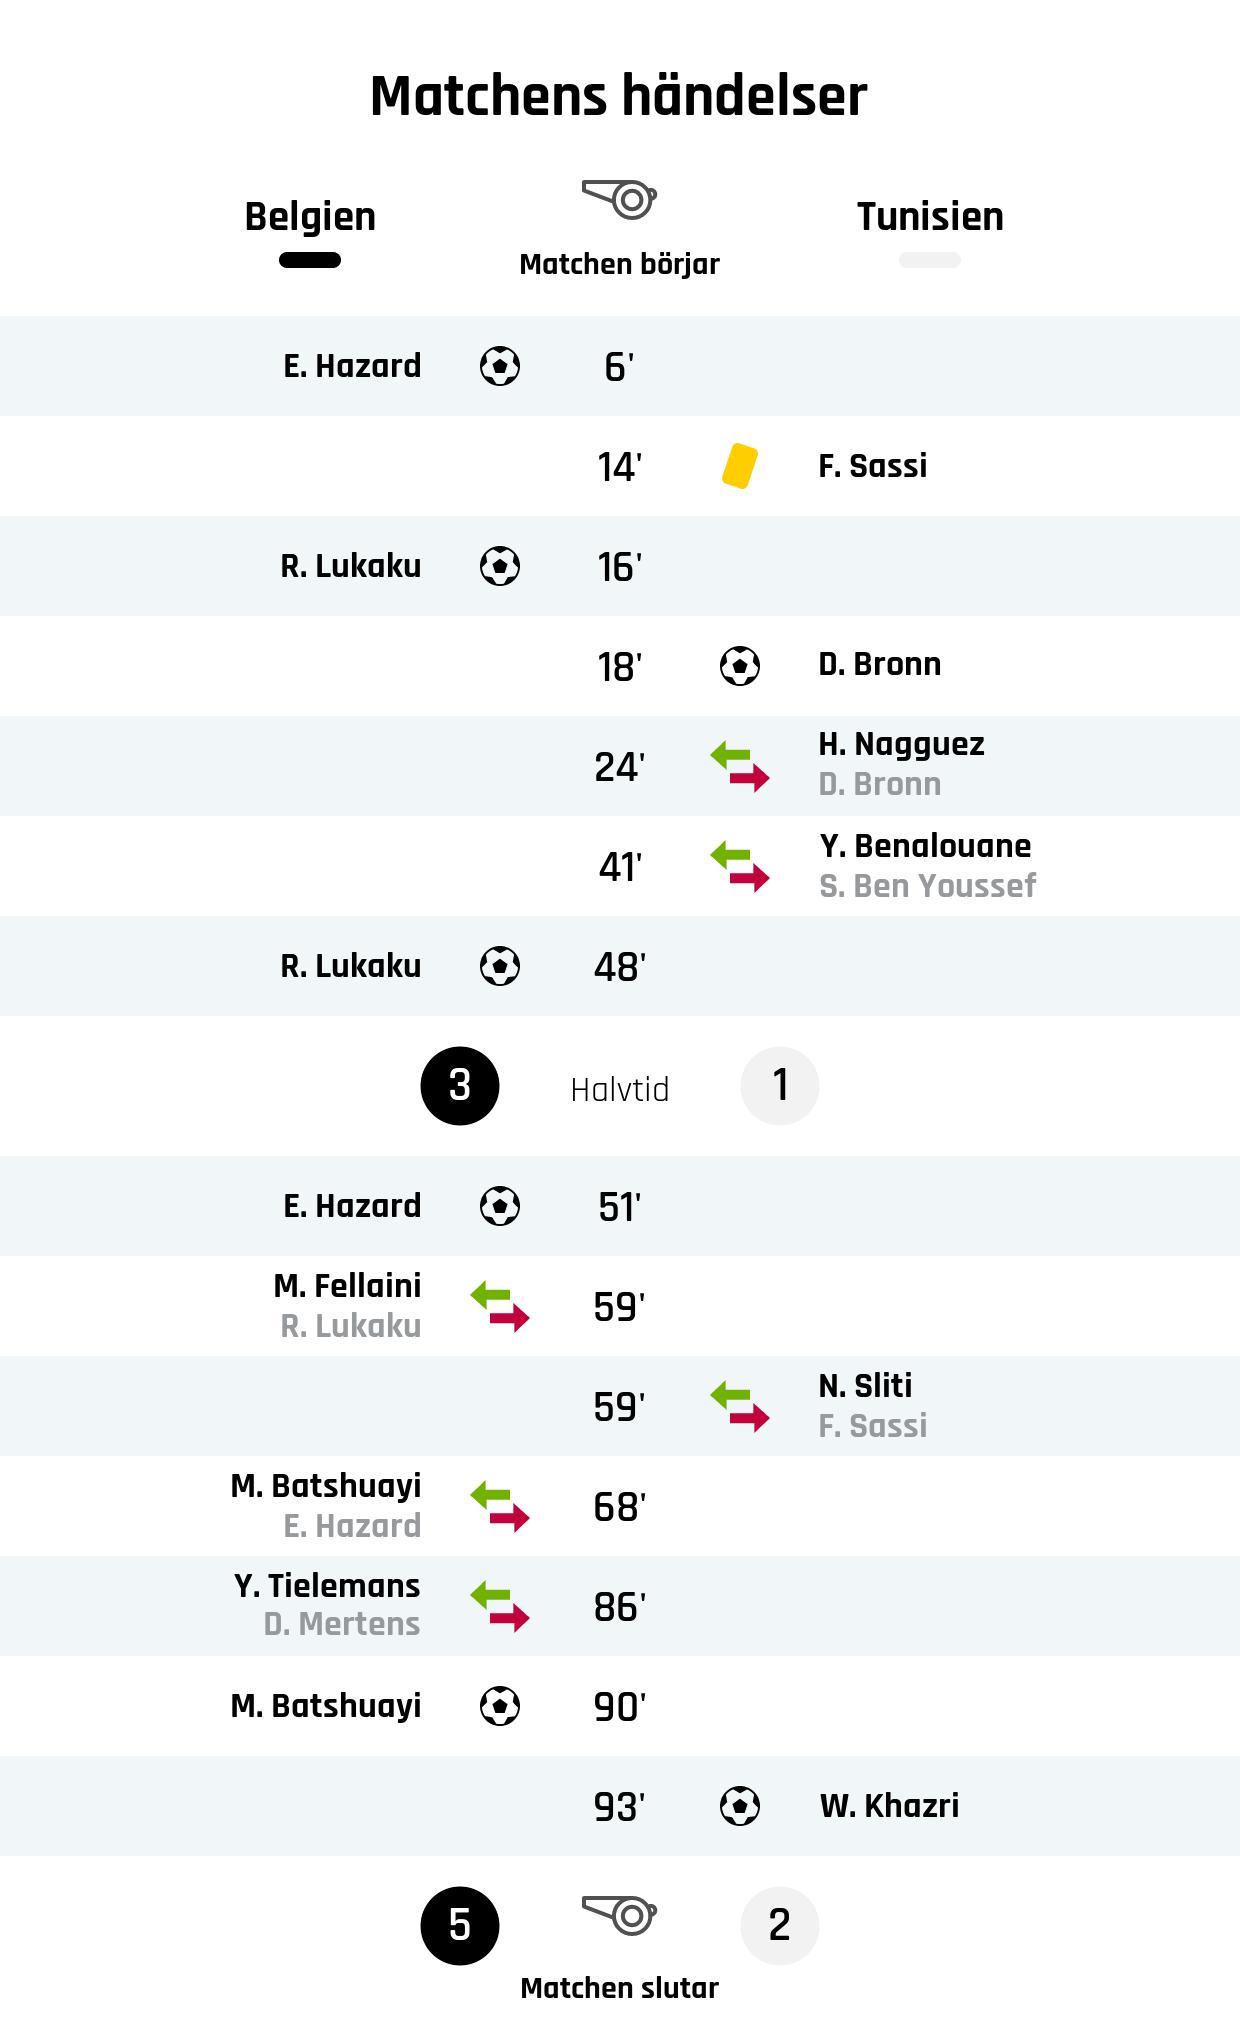 6' Mål Belgien: E. Hazard<br /> 14' Gult kort: F. Sassi, Tunisien<br /> 16' Mål Belgien: R. Lukaku<br /> 18' Mål Tunisien: D. Bronn<br /> 24' Tunisiens byte: H. Nagguez in, D. Bronn ut<br /> 41' Tunisiens byte: Y. Benalouane in, S. Ben Youssef ut<br /> 48' Mål Belgien: R. Lukaku<br /> Resultat i halvtid: Belgien 3, Tunisien 1<br /> 51' Mål Belgien: E. Hazard<br /> 59' Belgiens byte: M. Fellaini in, R. Lukaku ut<br /> 59' Tunisiens byte: N. Sliti in, F. Sassi ut<br /> 68' Belgiens byte: M. Batshuayi in, E. Hazard ut<br /> 86' Belgiens byte: Y. Tielemans in, D. Mertens ut<br /> 90' Mål Belgien: M. Batshuayi<br /> 93' Mål Tunisien: W. Khazri<br /> Slutresultat: Belgien 5, Tunisien 2